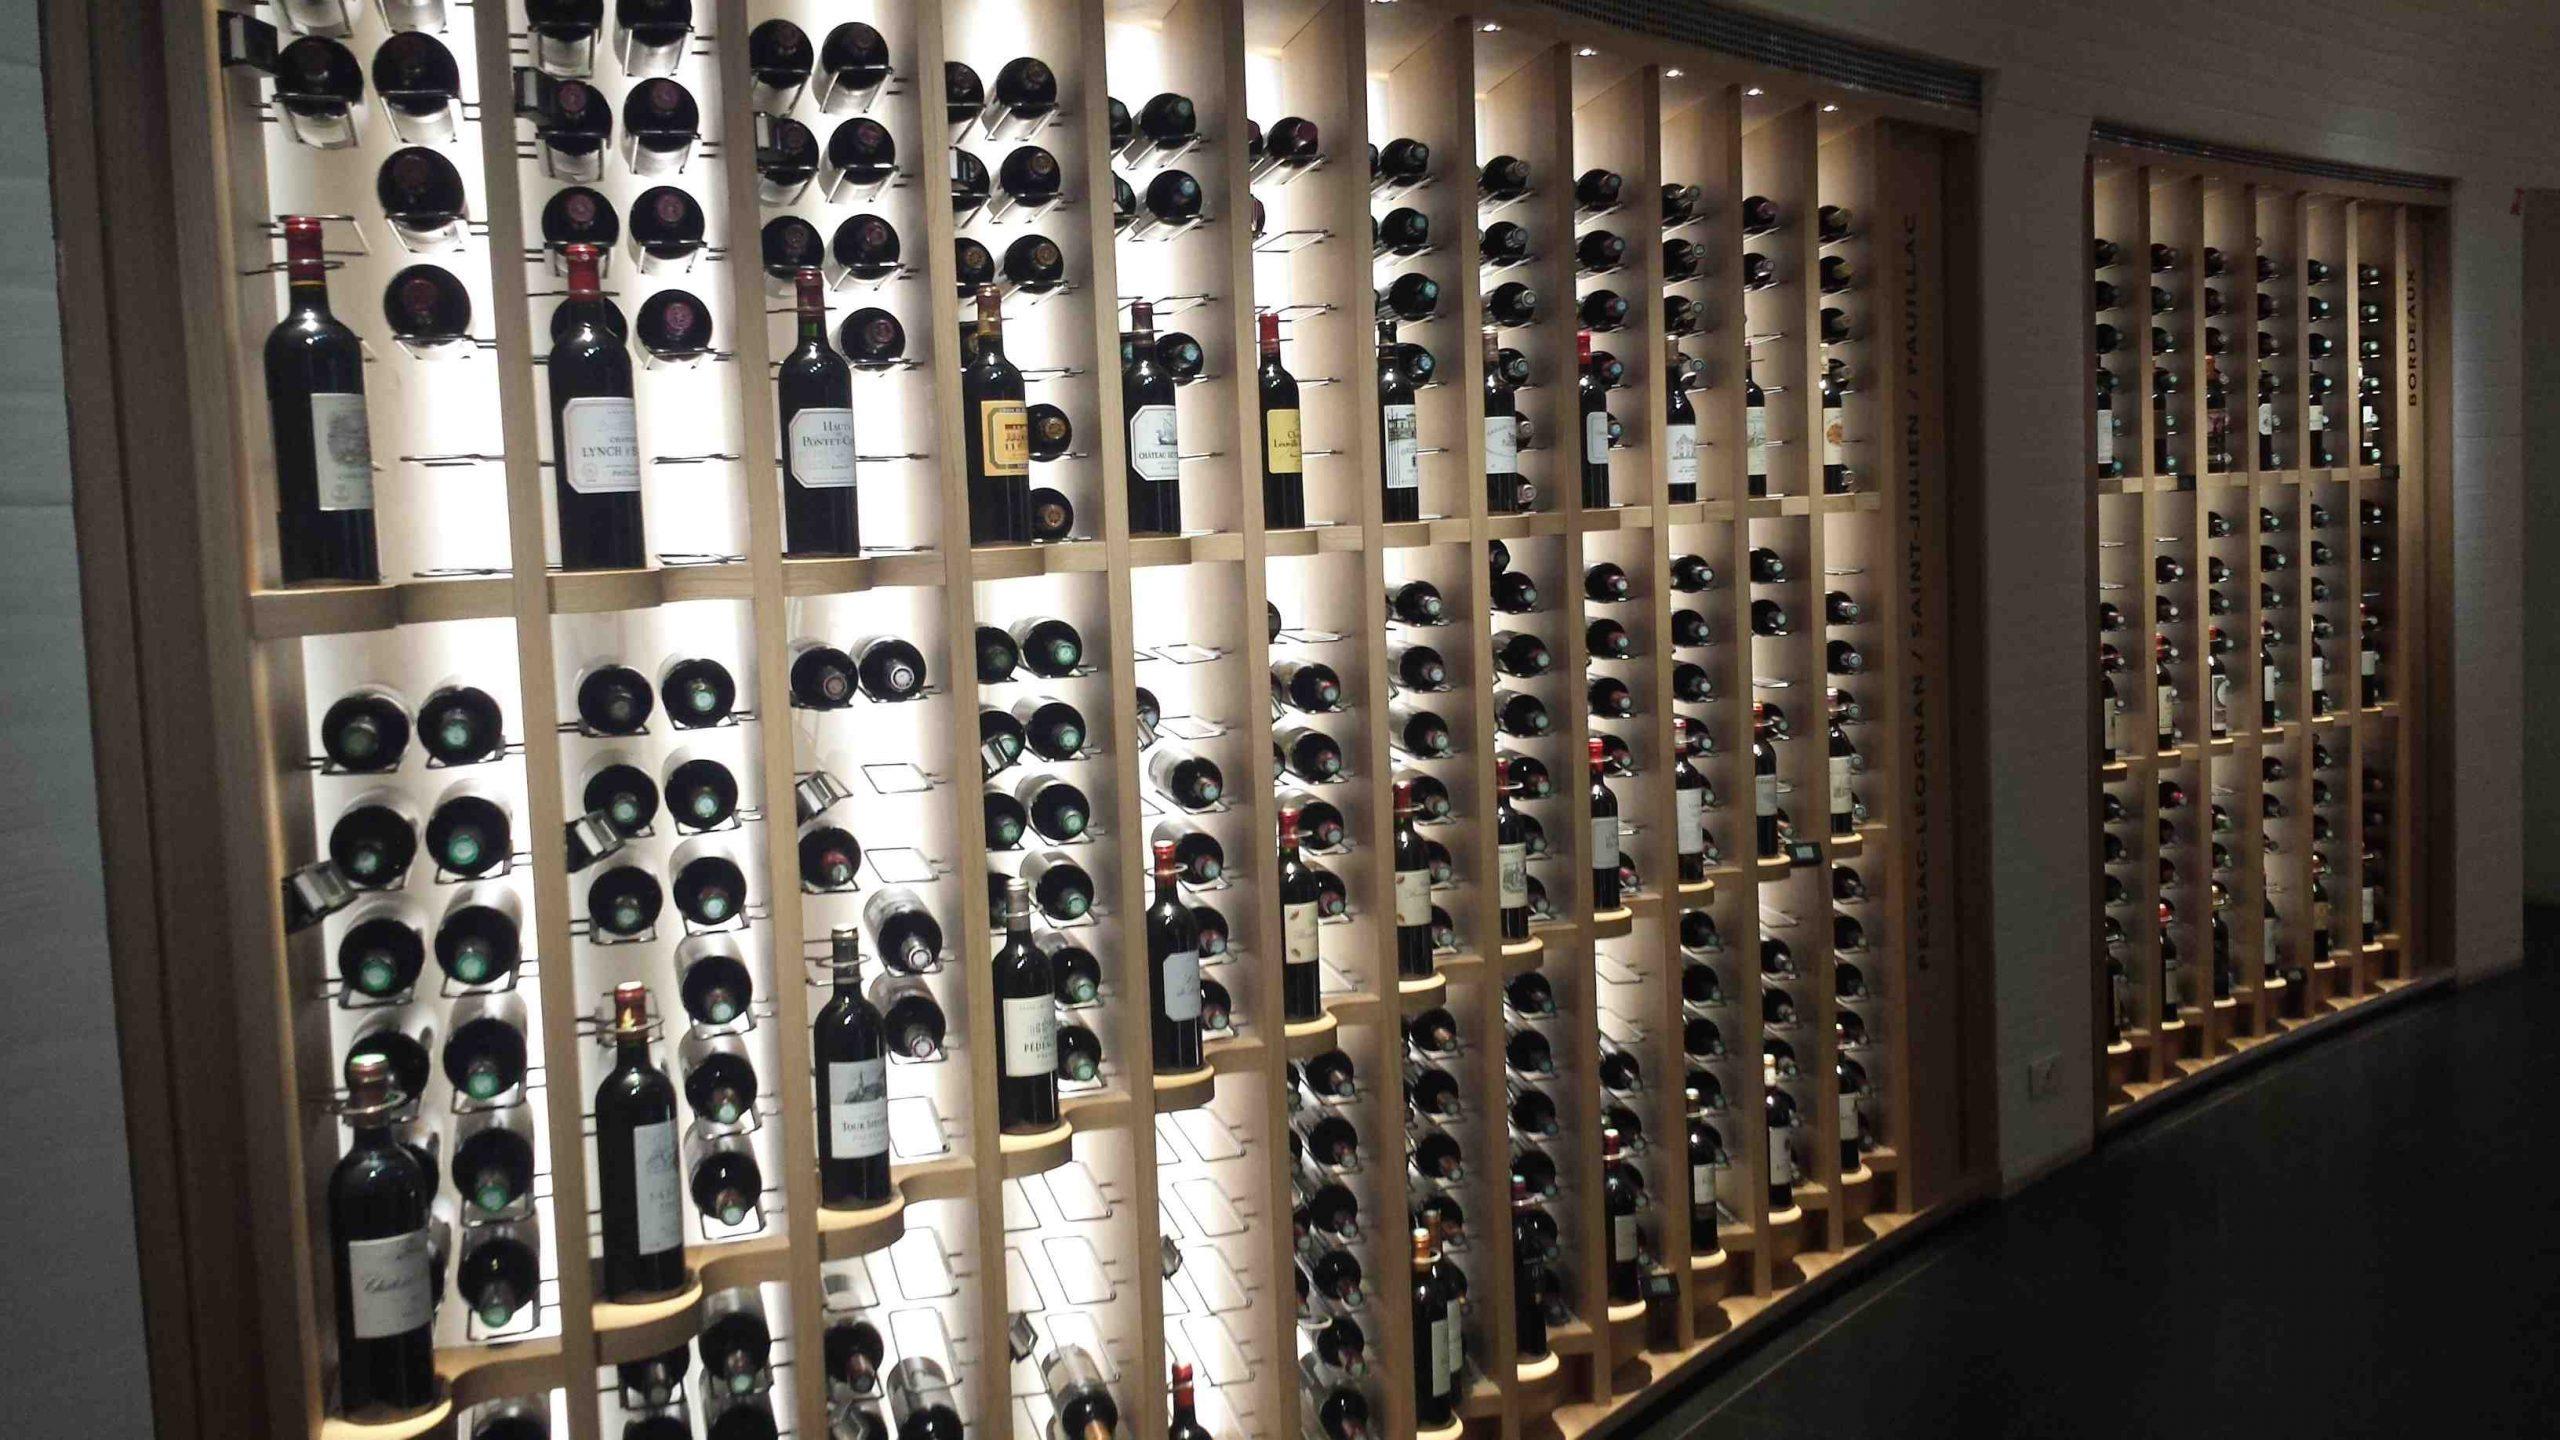 Quel vin mettre dans une cave à vin?